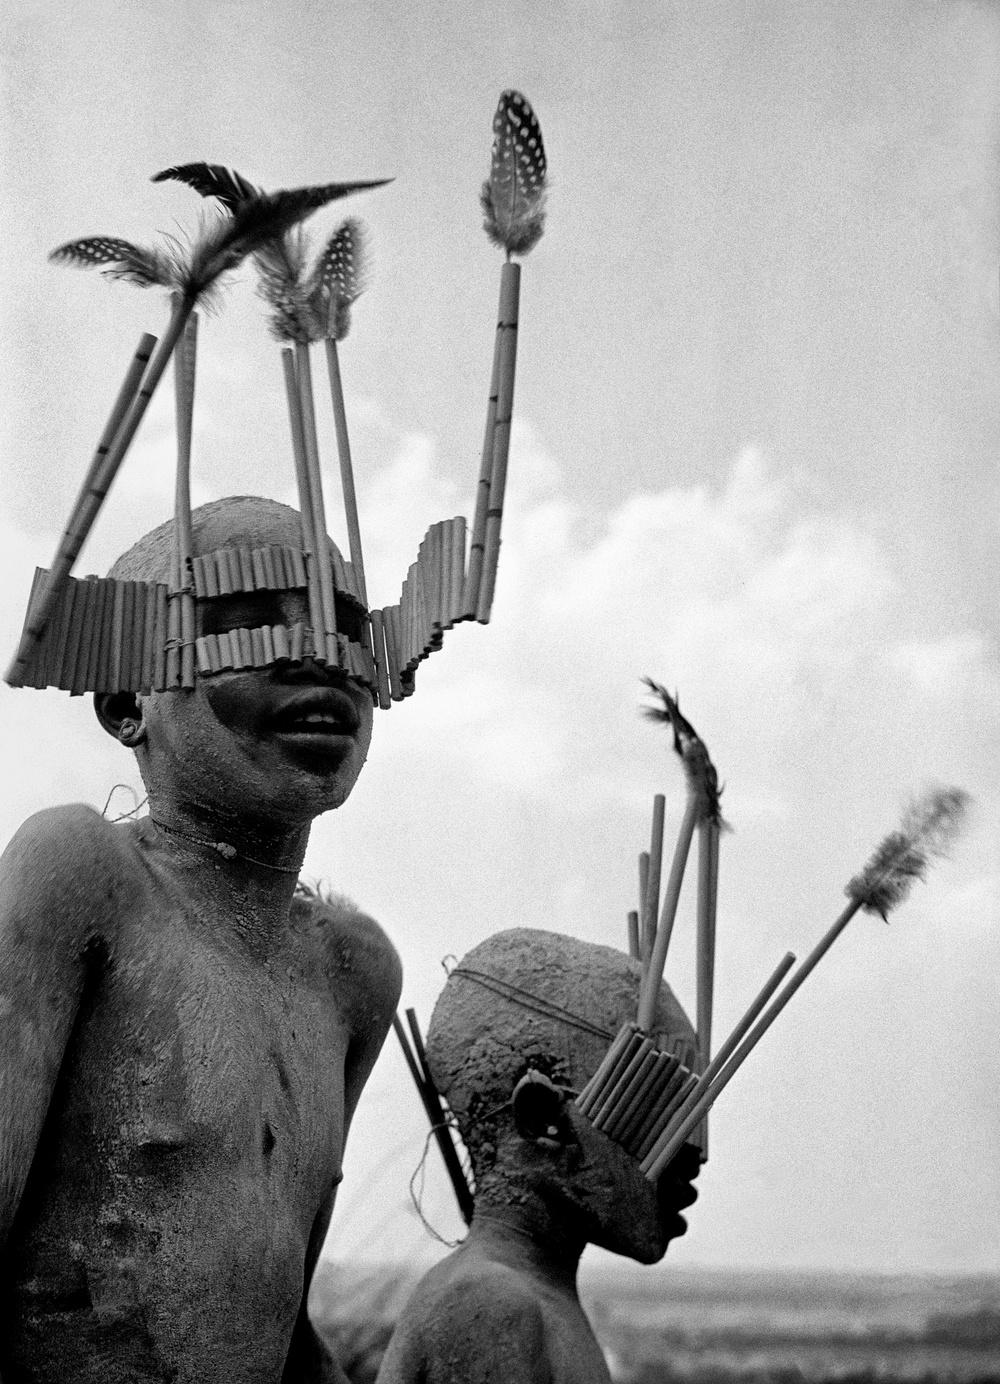 Boys of the Wagogo Tribe, Tanzania 1948